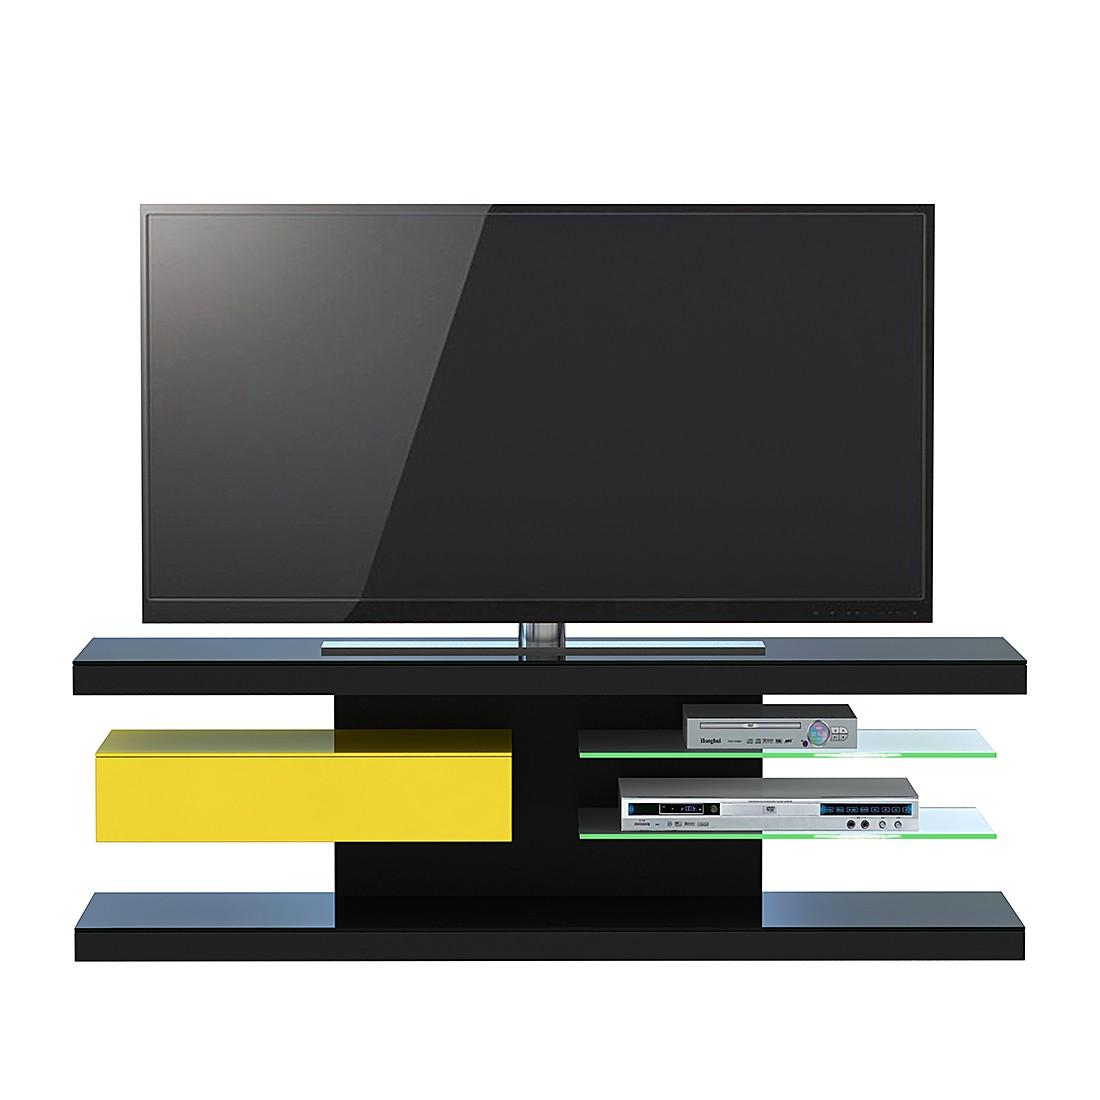 Meuble TV SL 660 - Avec éclairage - Noir / Jaune, Jahnke